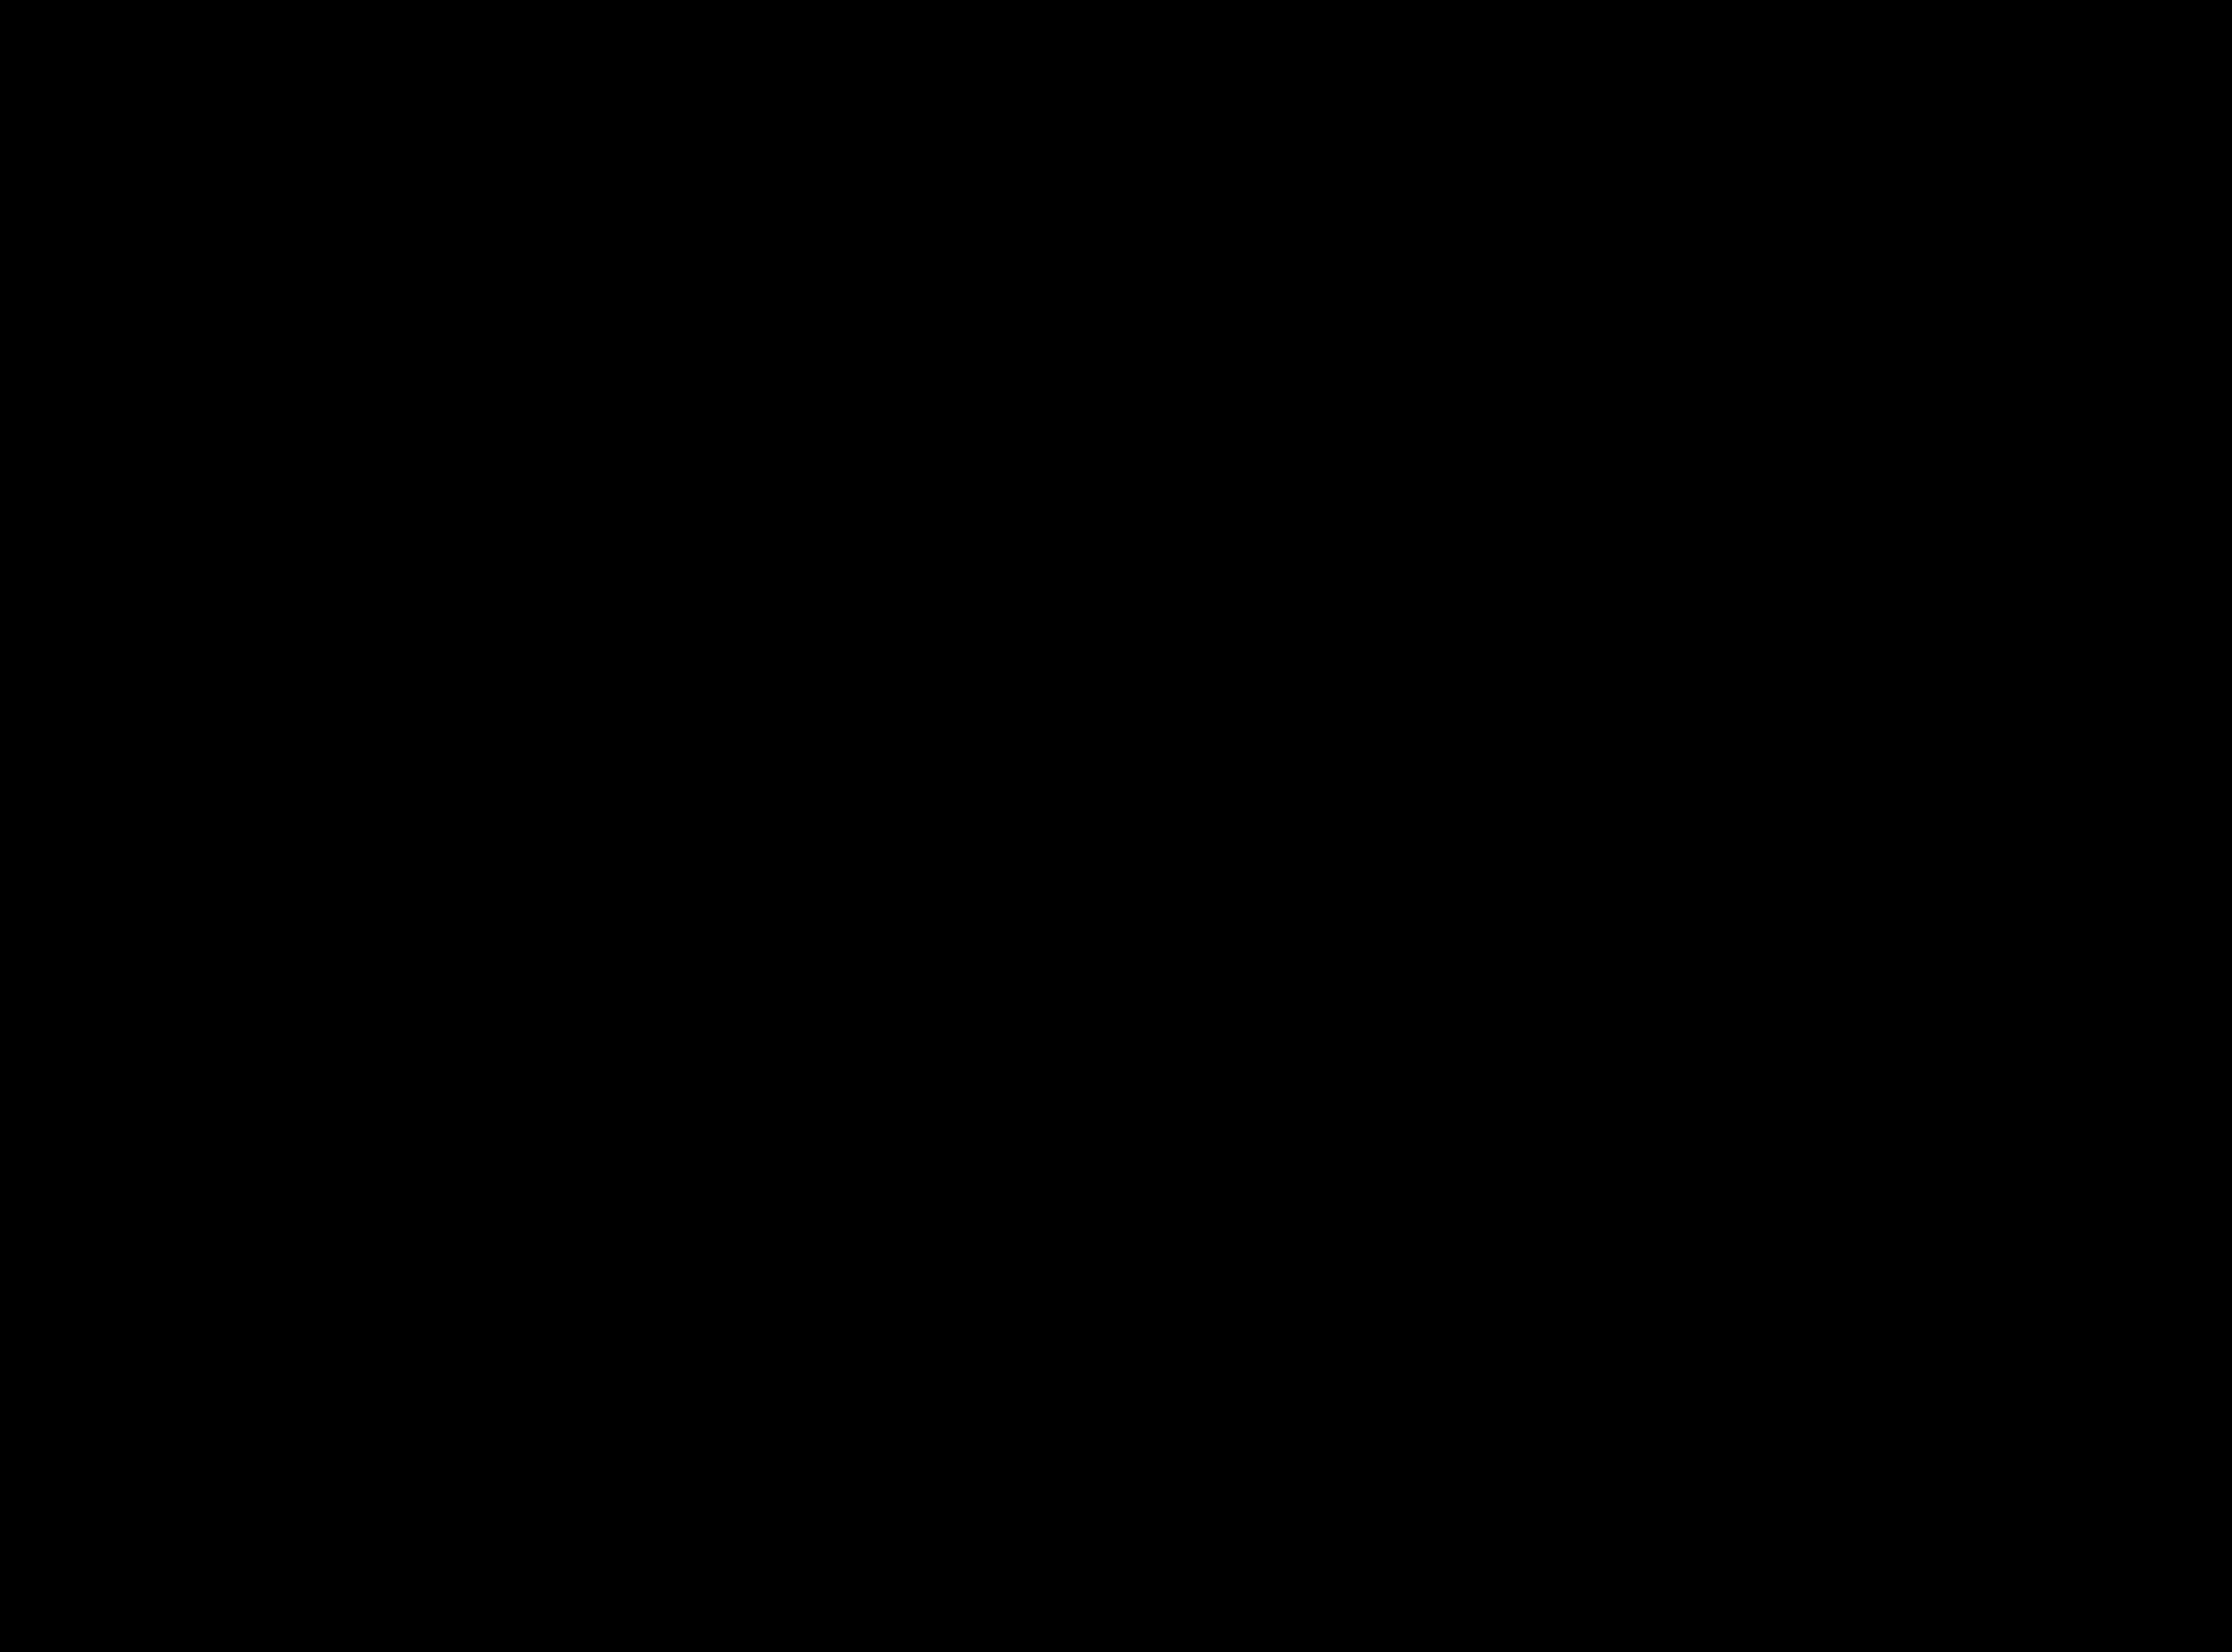 NUOVA TUBIERA GI.DI.VI 2500 IN ASIA